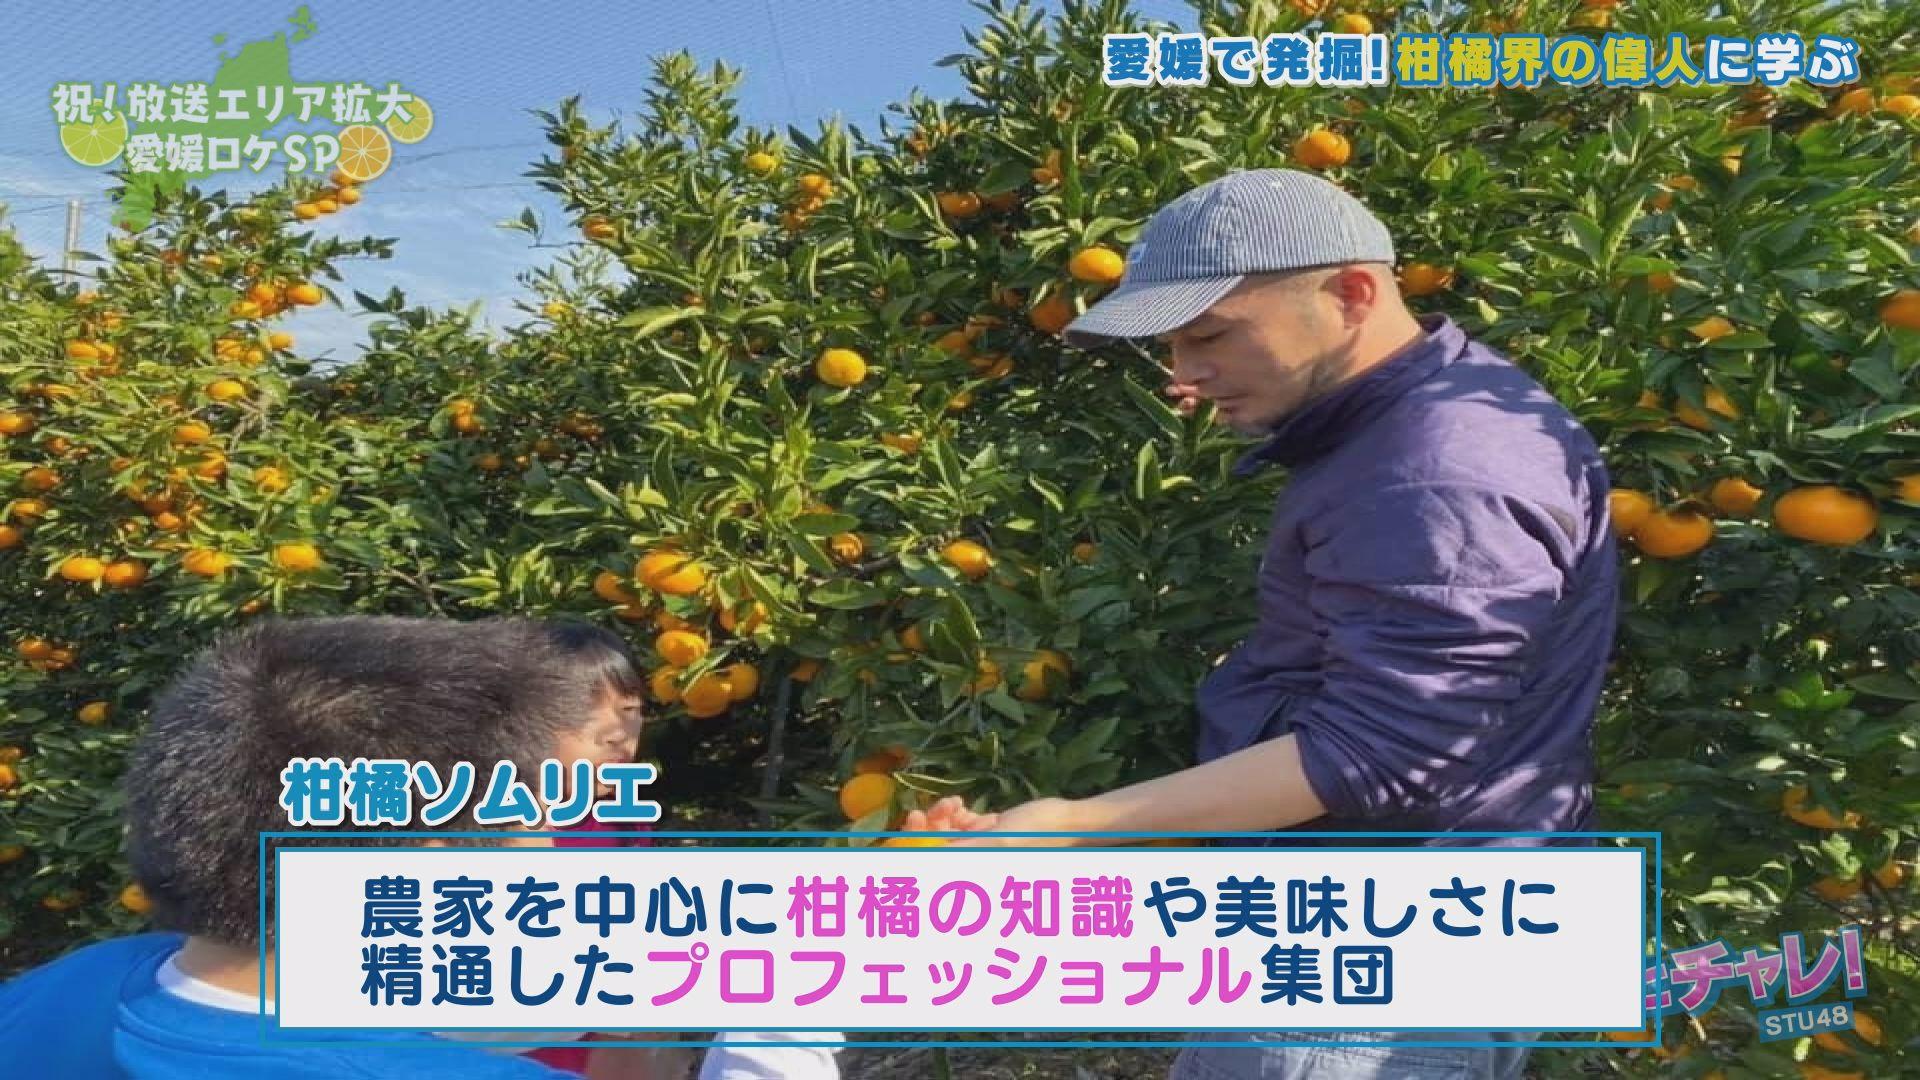 柑橘のプロフェッショナル集団が「柑橘ソムリエ」